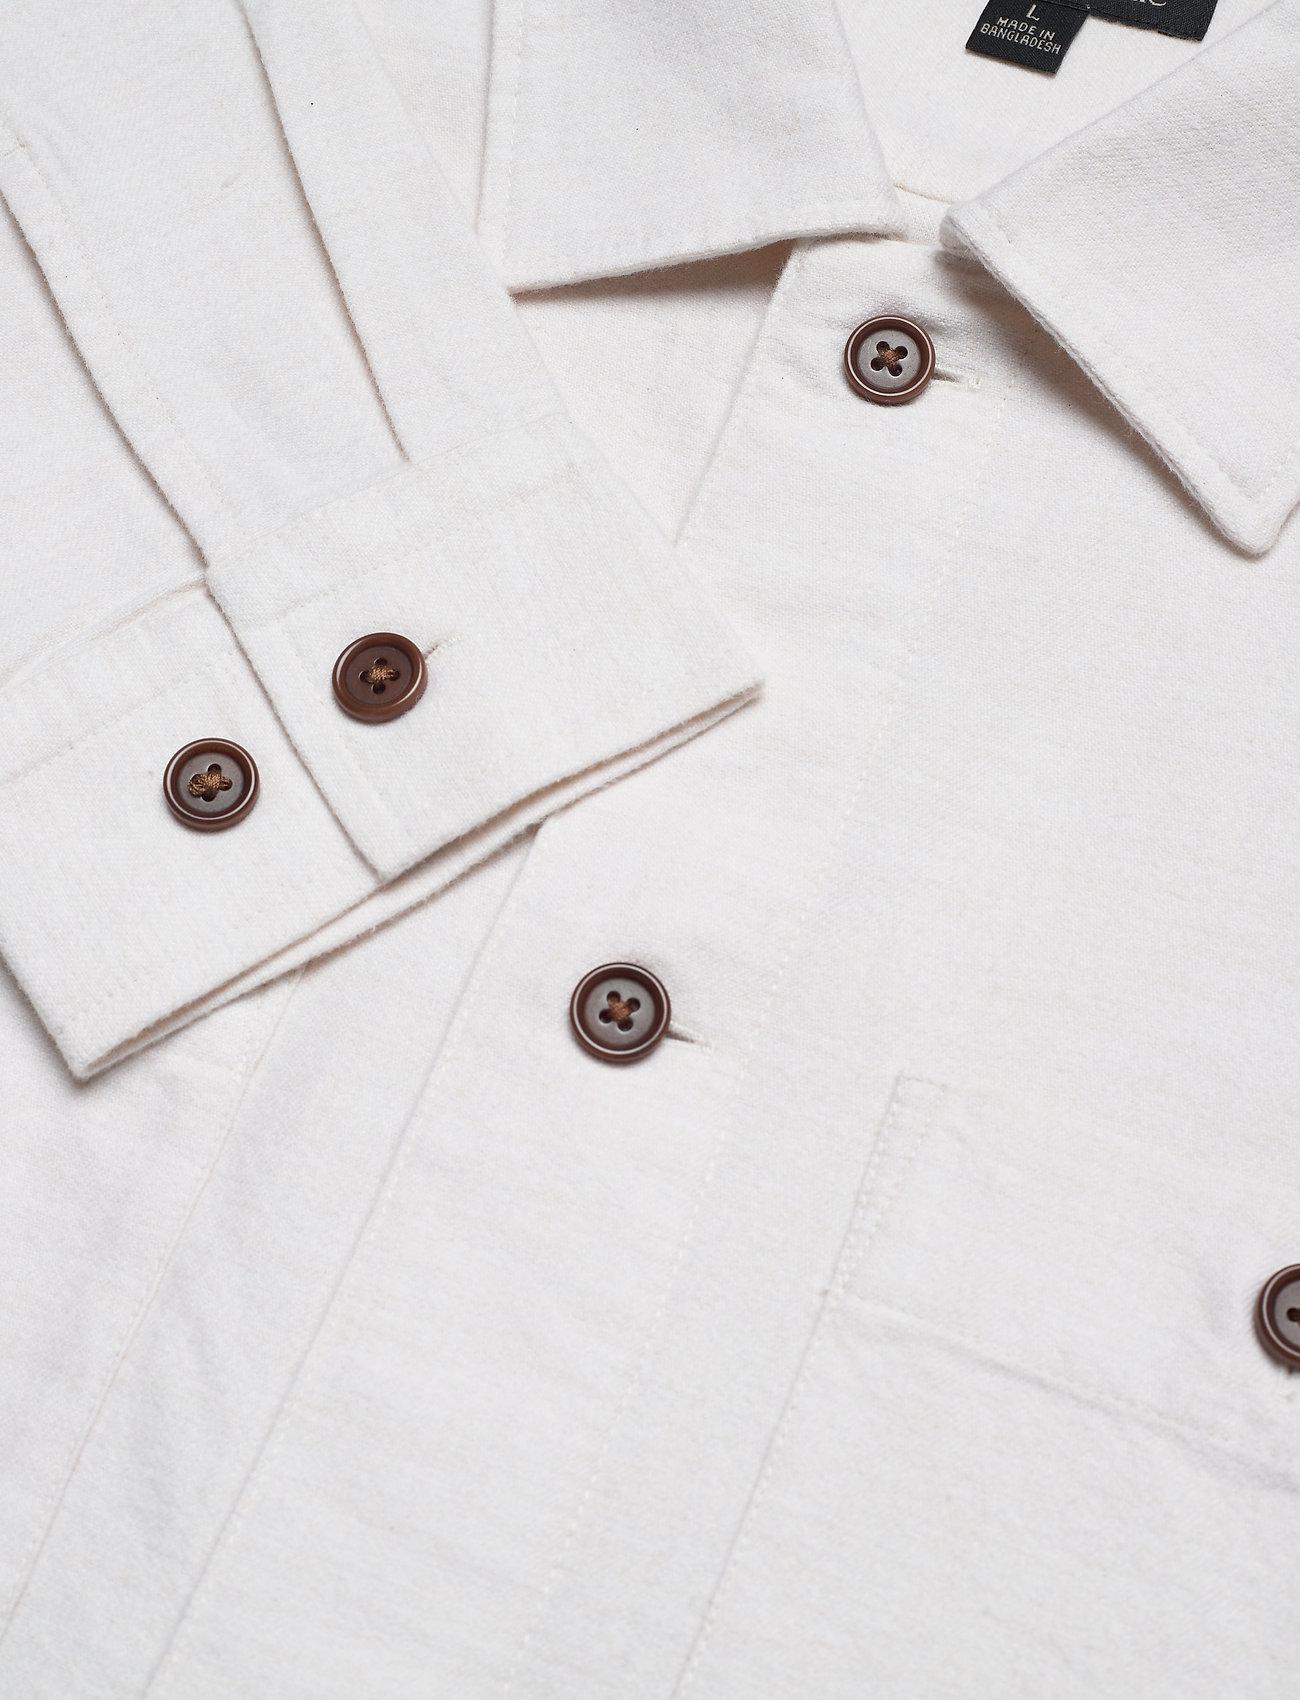 Banana Republic Slim-Fit Flannel Shirt Jacket - Jakker og frakker ECRU - Menn Klær